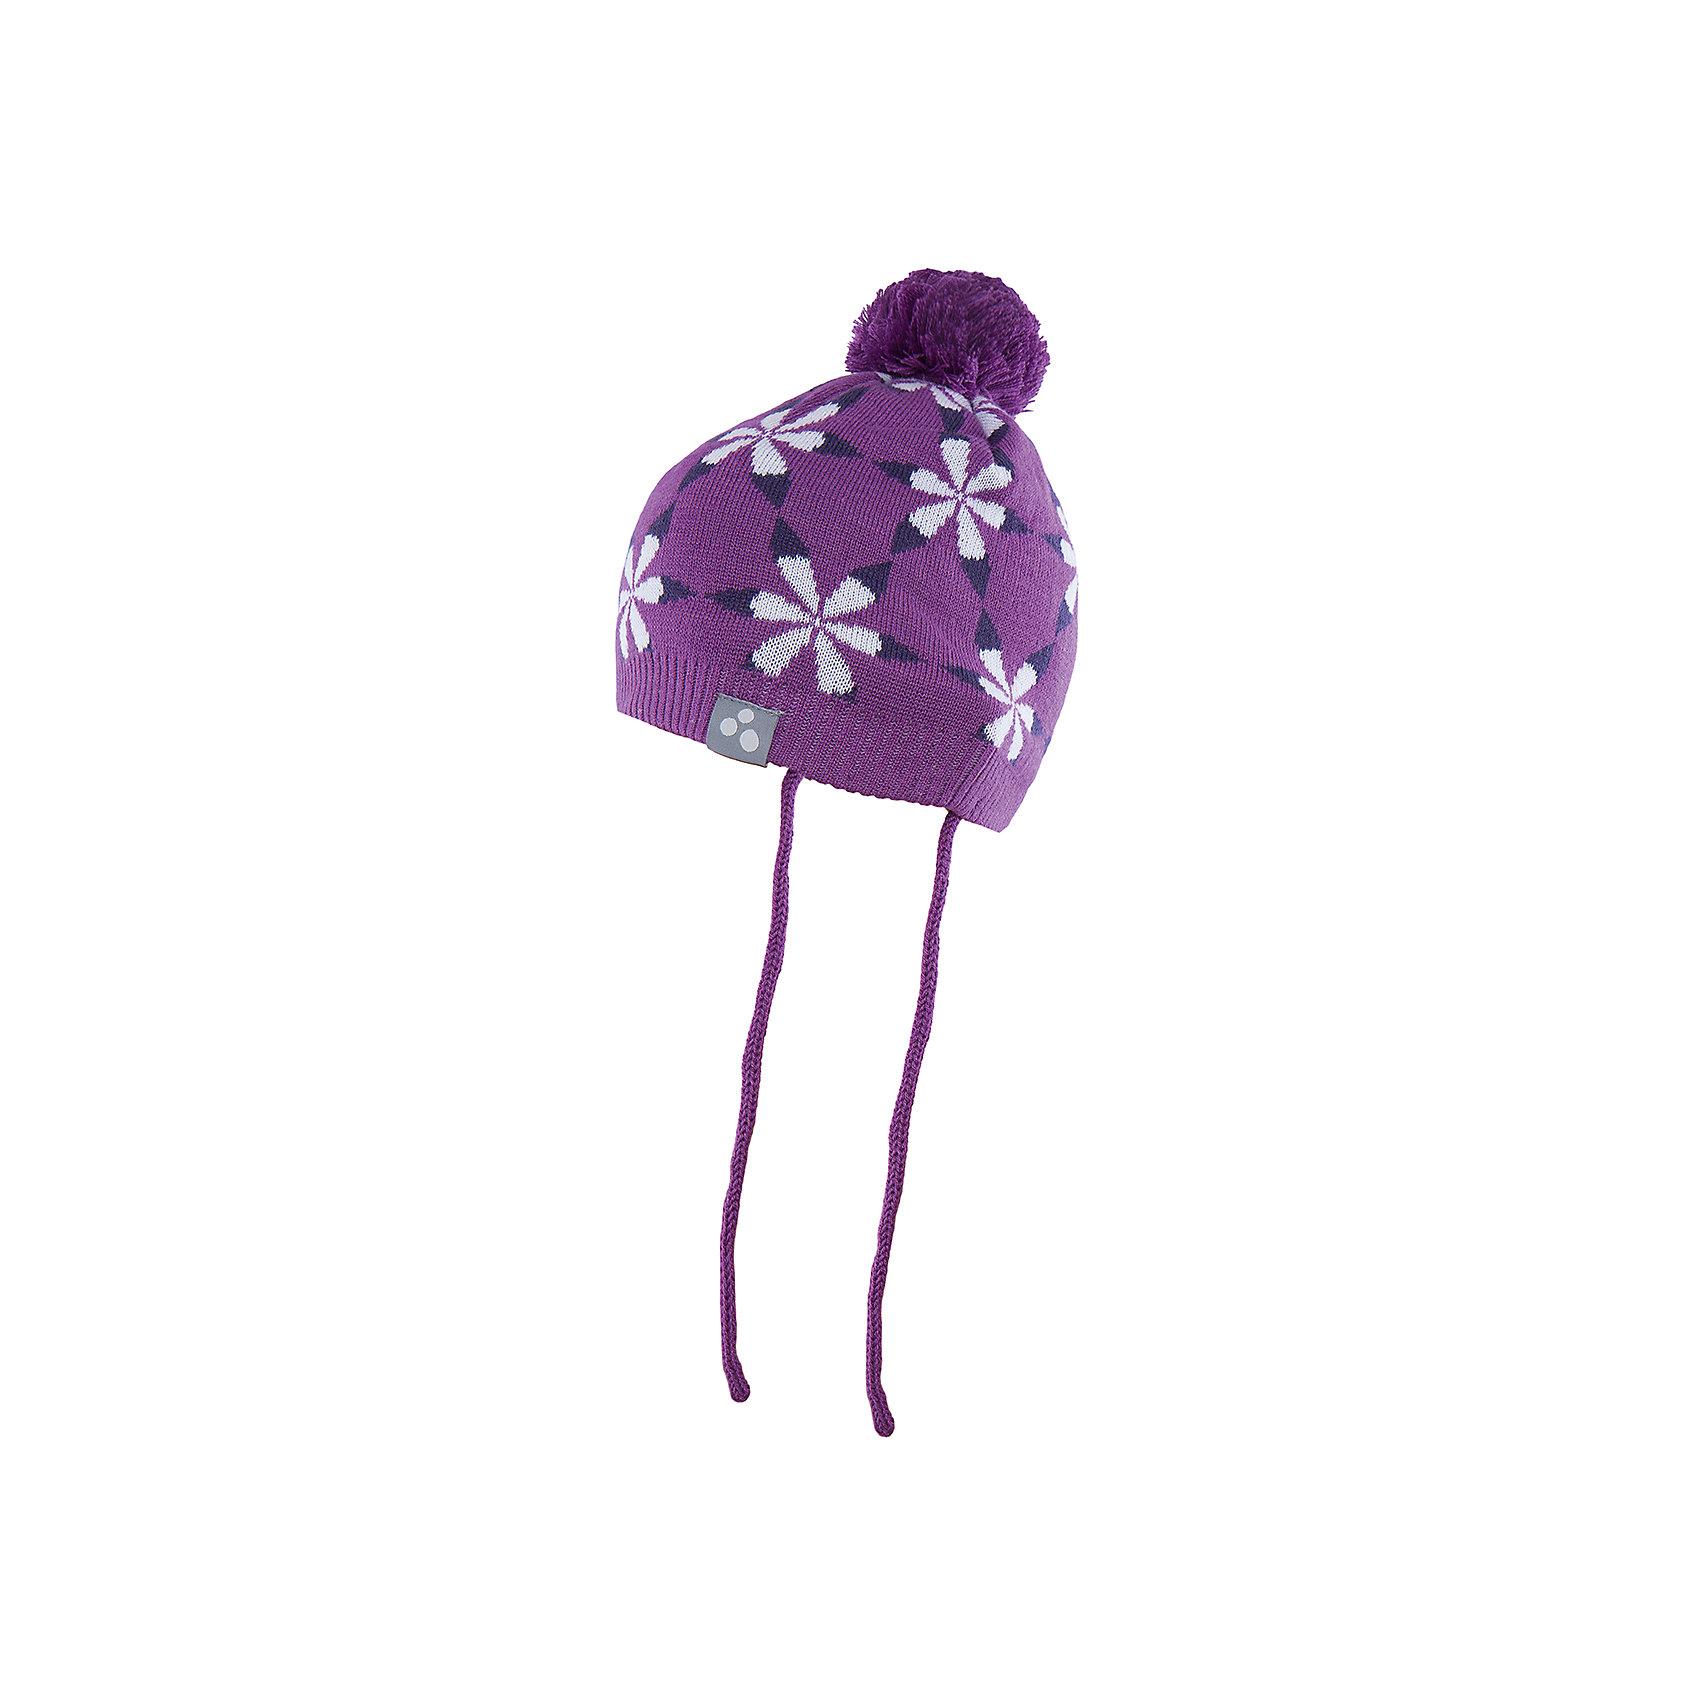 Шапка для девочки HuppaШапочки<br>Вязаная шапка ELI Huppa(Хуппа) изготовлена из материалов, которые отлично сохраняют тепло. Подкладка из хлопка приятна телу и не вызывает раздражения на коже. Шапка украшена цветочным орнаментом и помпоном. Есть светоотражающие элементы.<br><br>Дополнительная информация:<br>Материал: 50% шерсть мериноса, 50% акрил<br>Подкладка: хлопок<br>Цвет: лиловый<br><br>Вы можете купить шапку ELI Huppa(Хуппа) в нашем интернет-магазине.<br><br>Ширина мм: 89<br>Глубина мм: 117<br>Высота мм: 44<br>Вес г: 155<br>Цвет: фиолетовый<br>Возраст от месяцев: 9<br>Возраст до месяцев: 12<br>Пол: Женский<br>Возраст: Детский<br>Размер: 43-45,51-53,47-49<br>SKU: 4923854